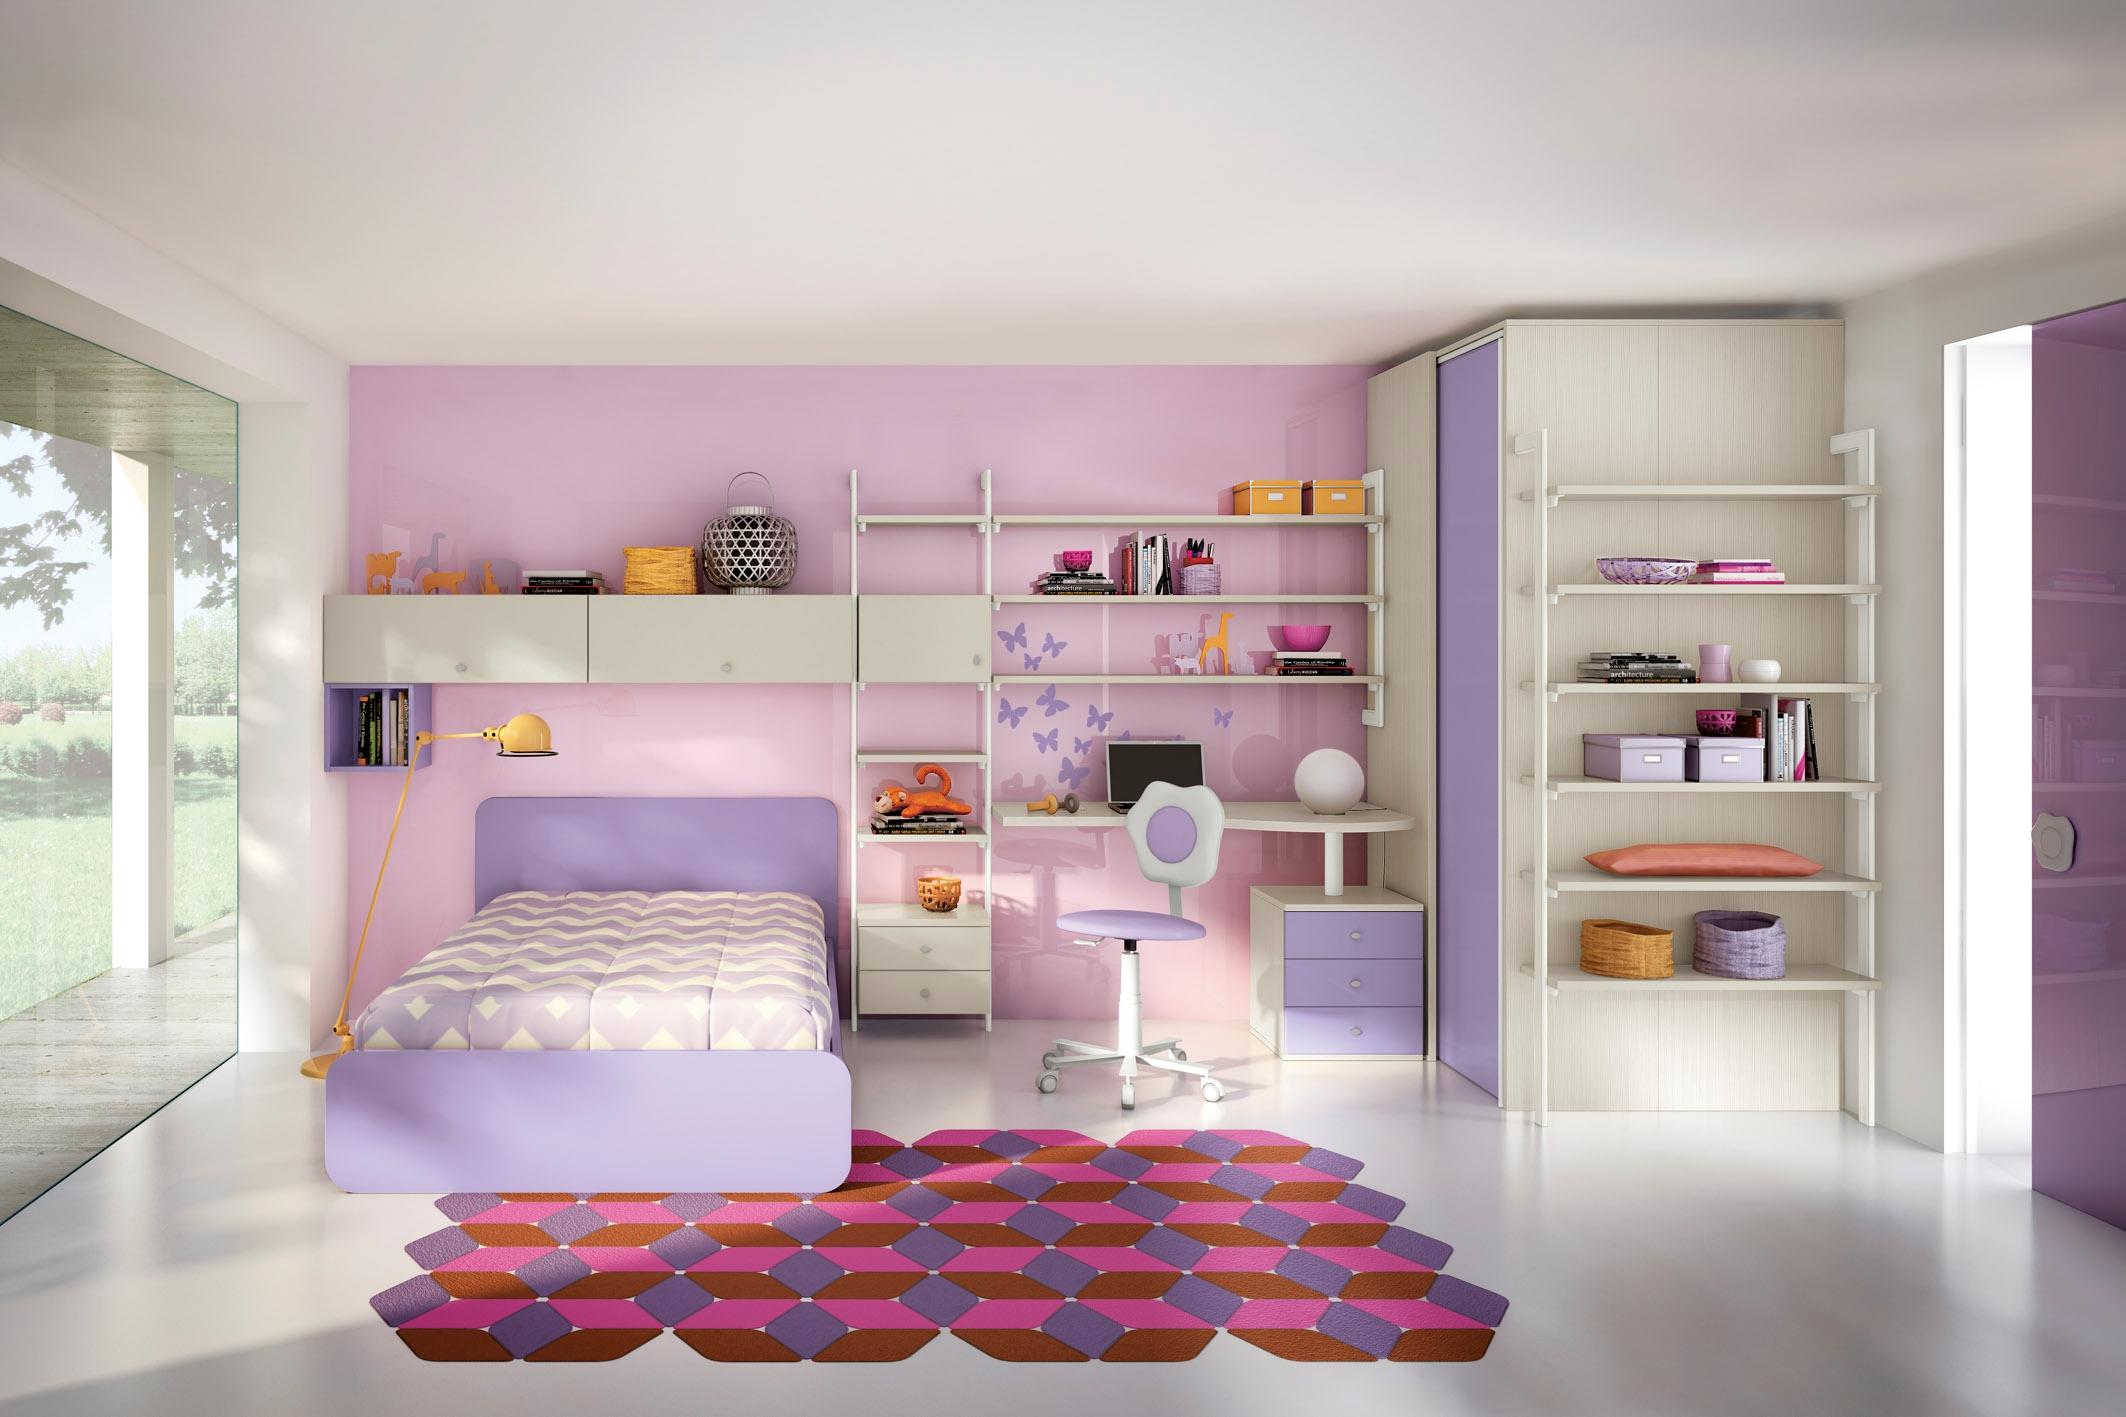 Camerette particolari per bambini una cameretta per for Camerette particolari per bambini